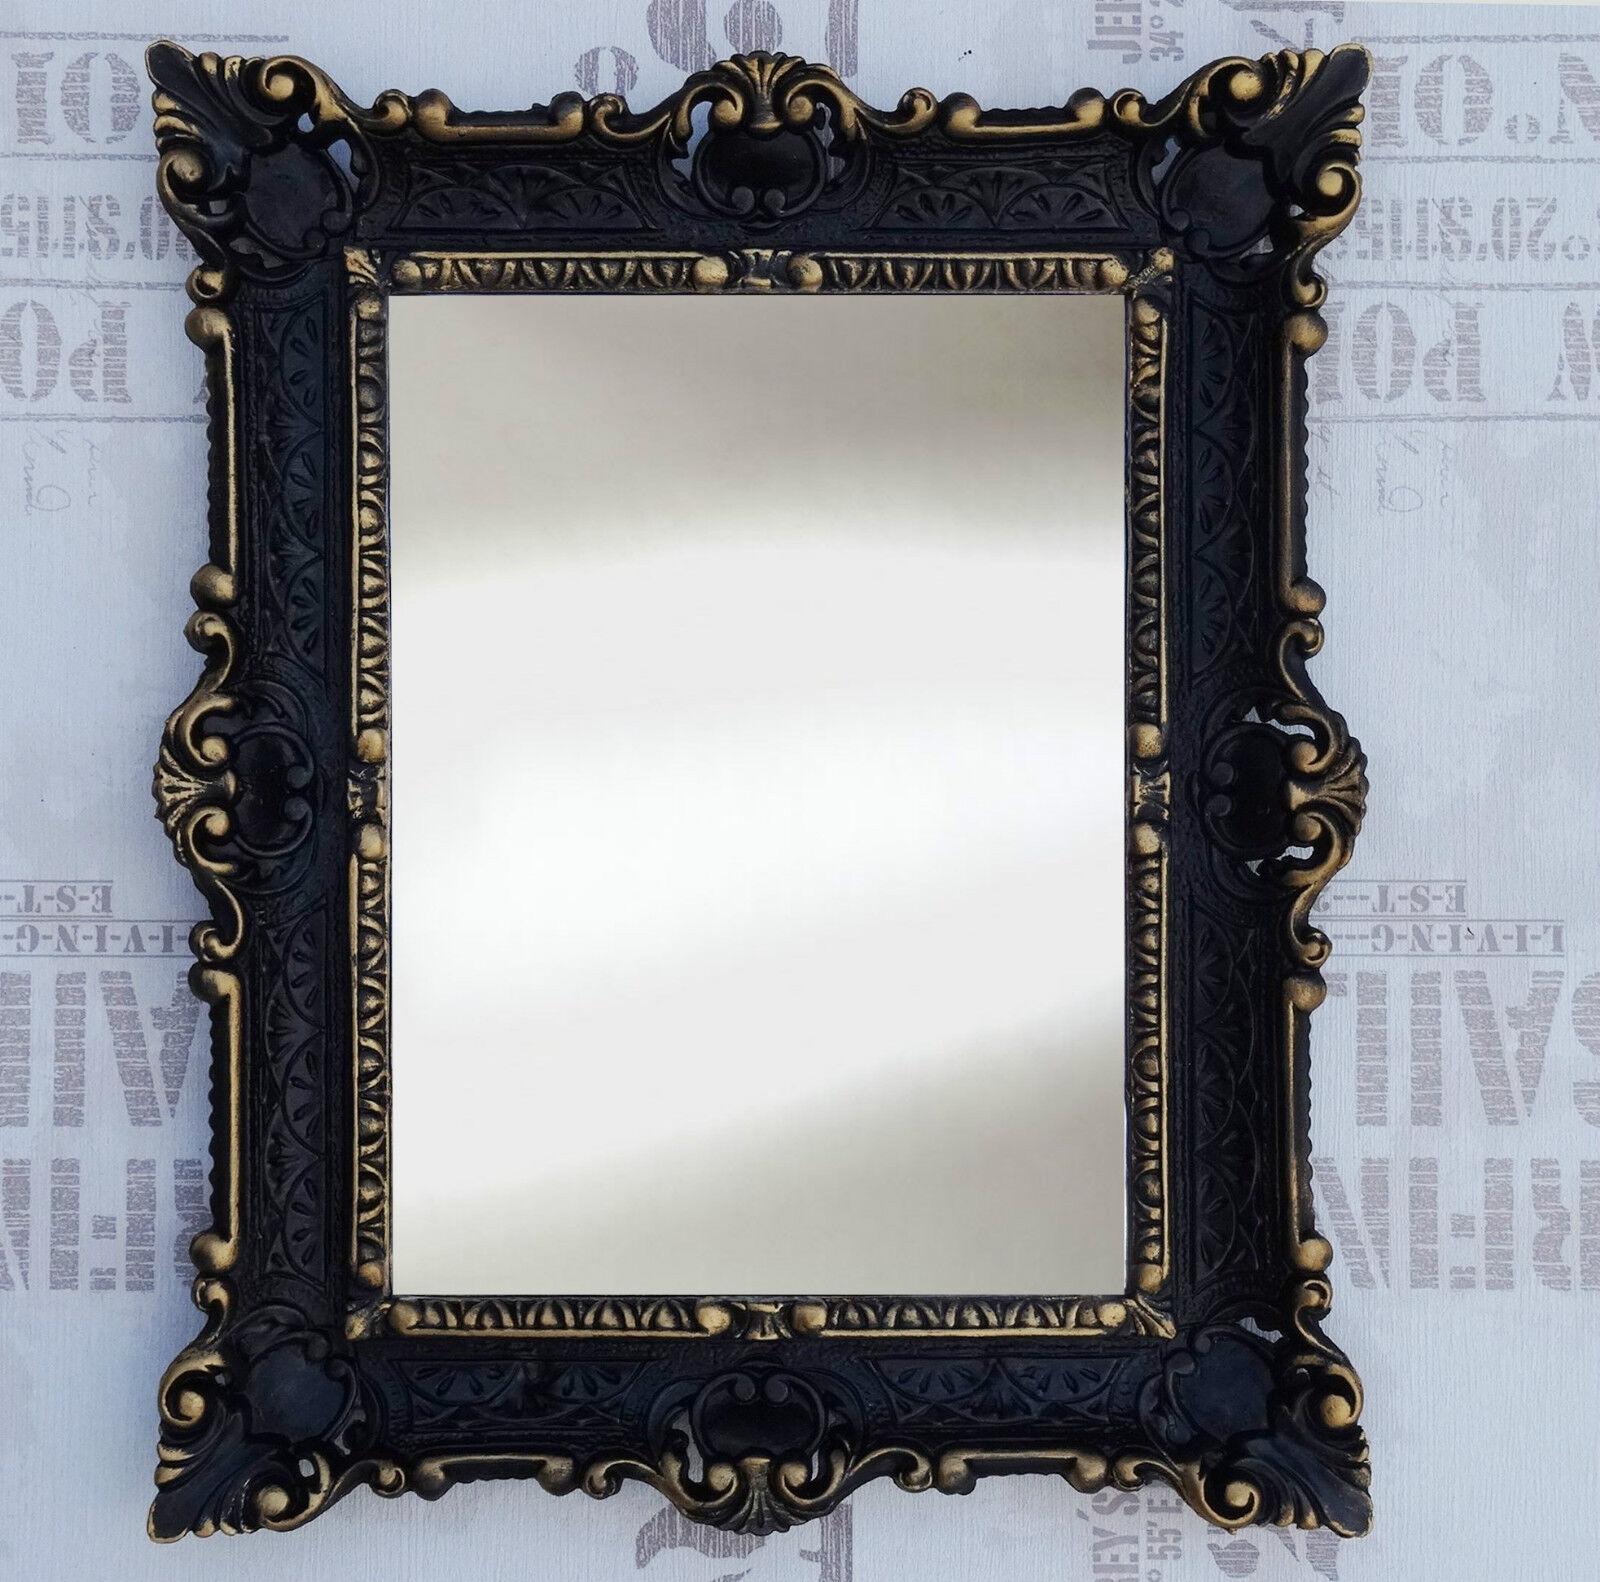 wall mirror black gold antique baroque bath floor mirror vanity mirror 56x46 ebay. Black Bedroom Furniture Sets. Home Design Ideas